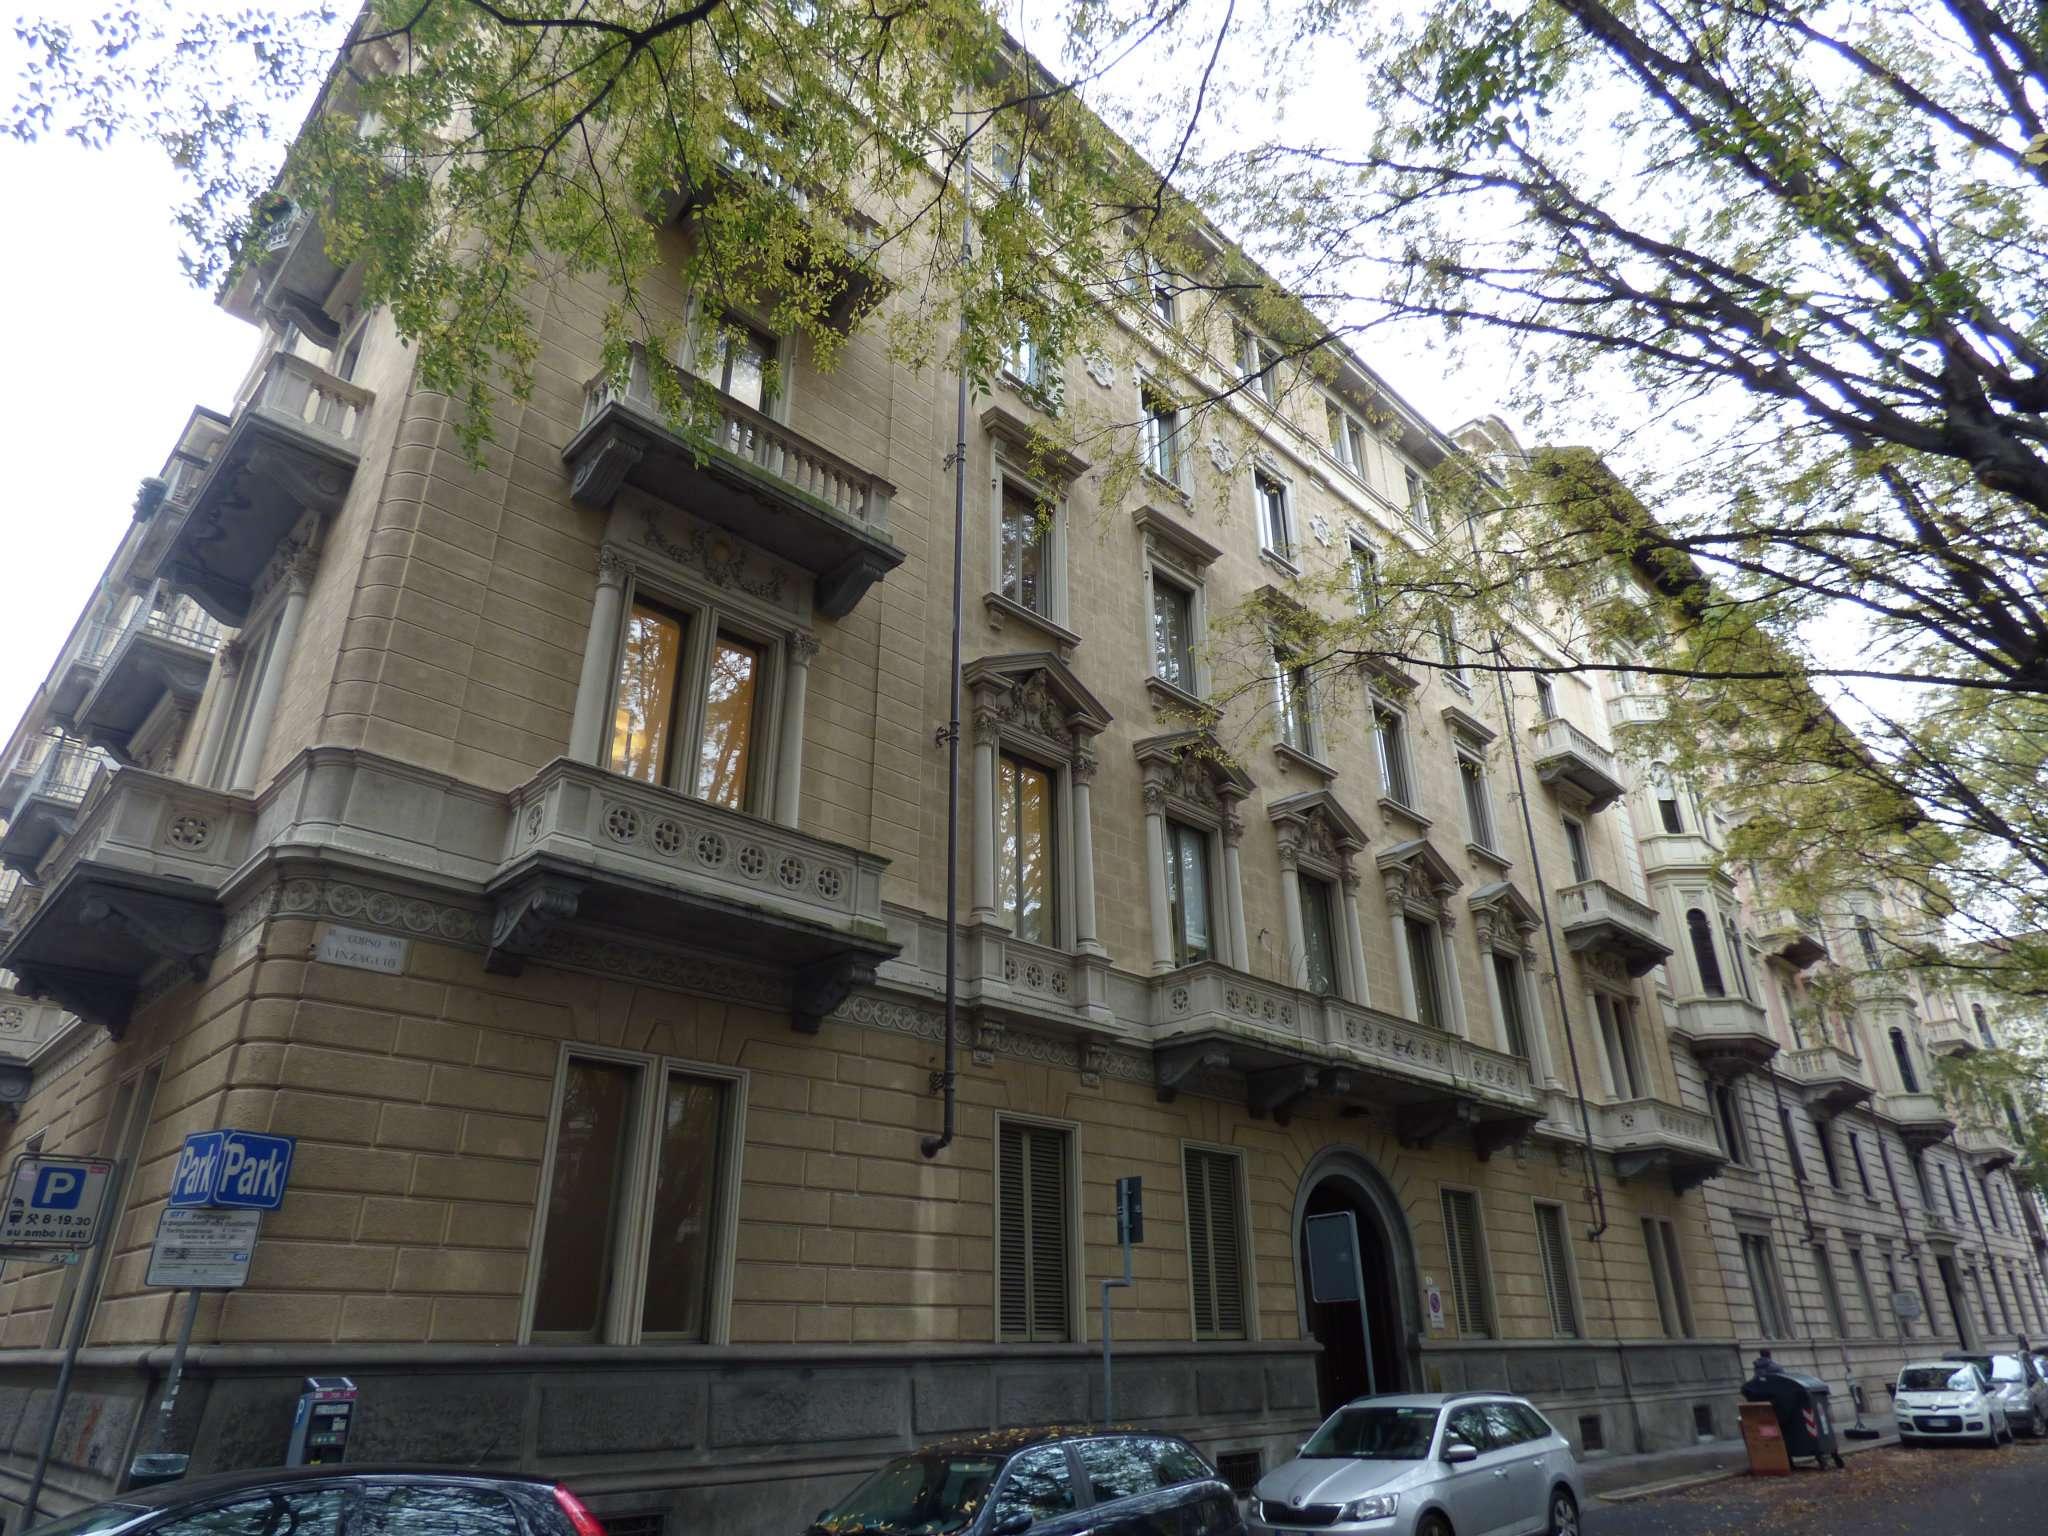 Ufficio / Studio in affitto a Torino, 7 locali, zona Zona: 1 . Centro, Quadrilatero Romano, Repubblica, Giardini Reali, prezzo € 2.600 | CambioCasa.it